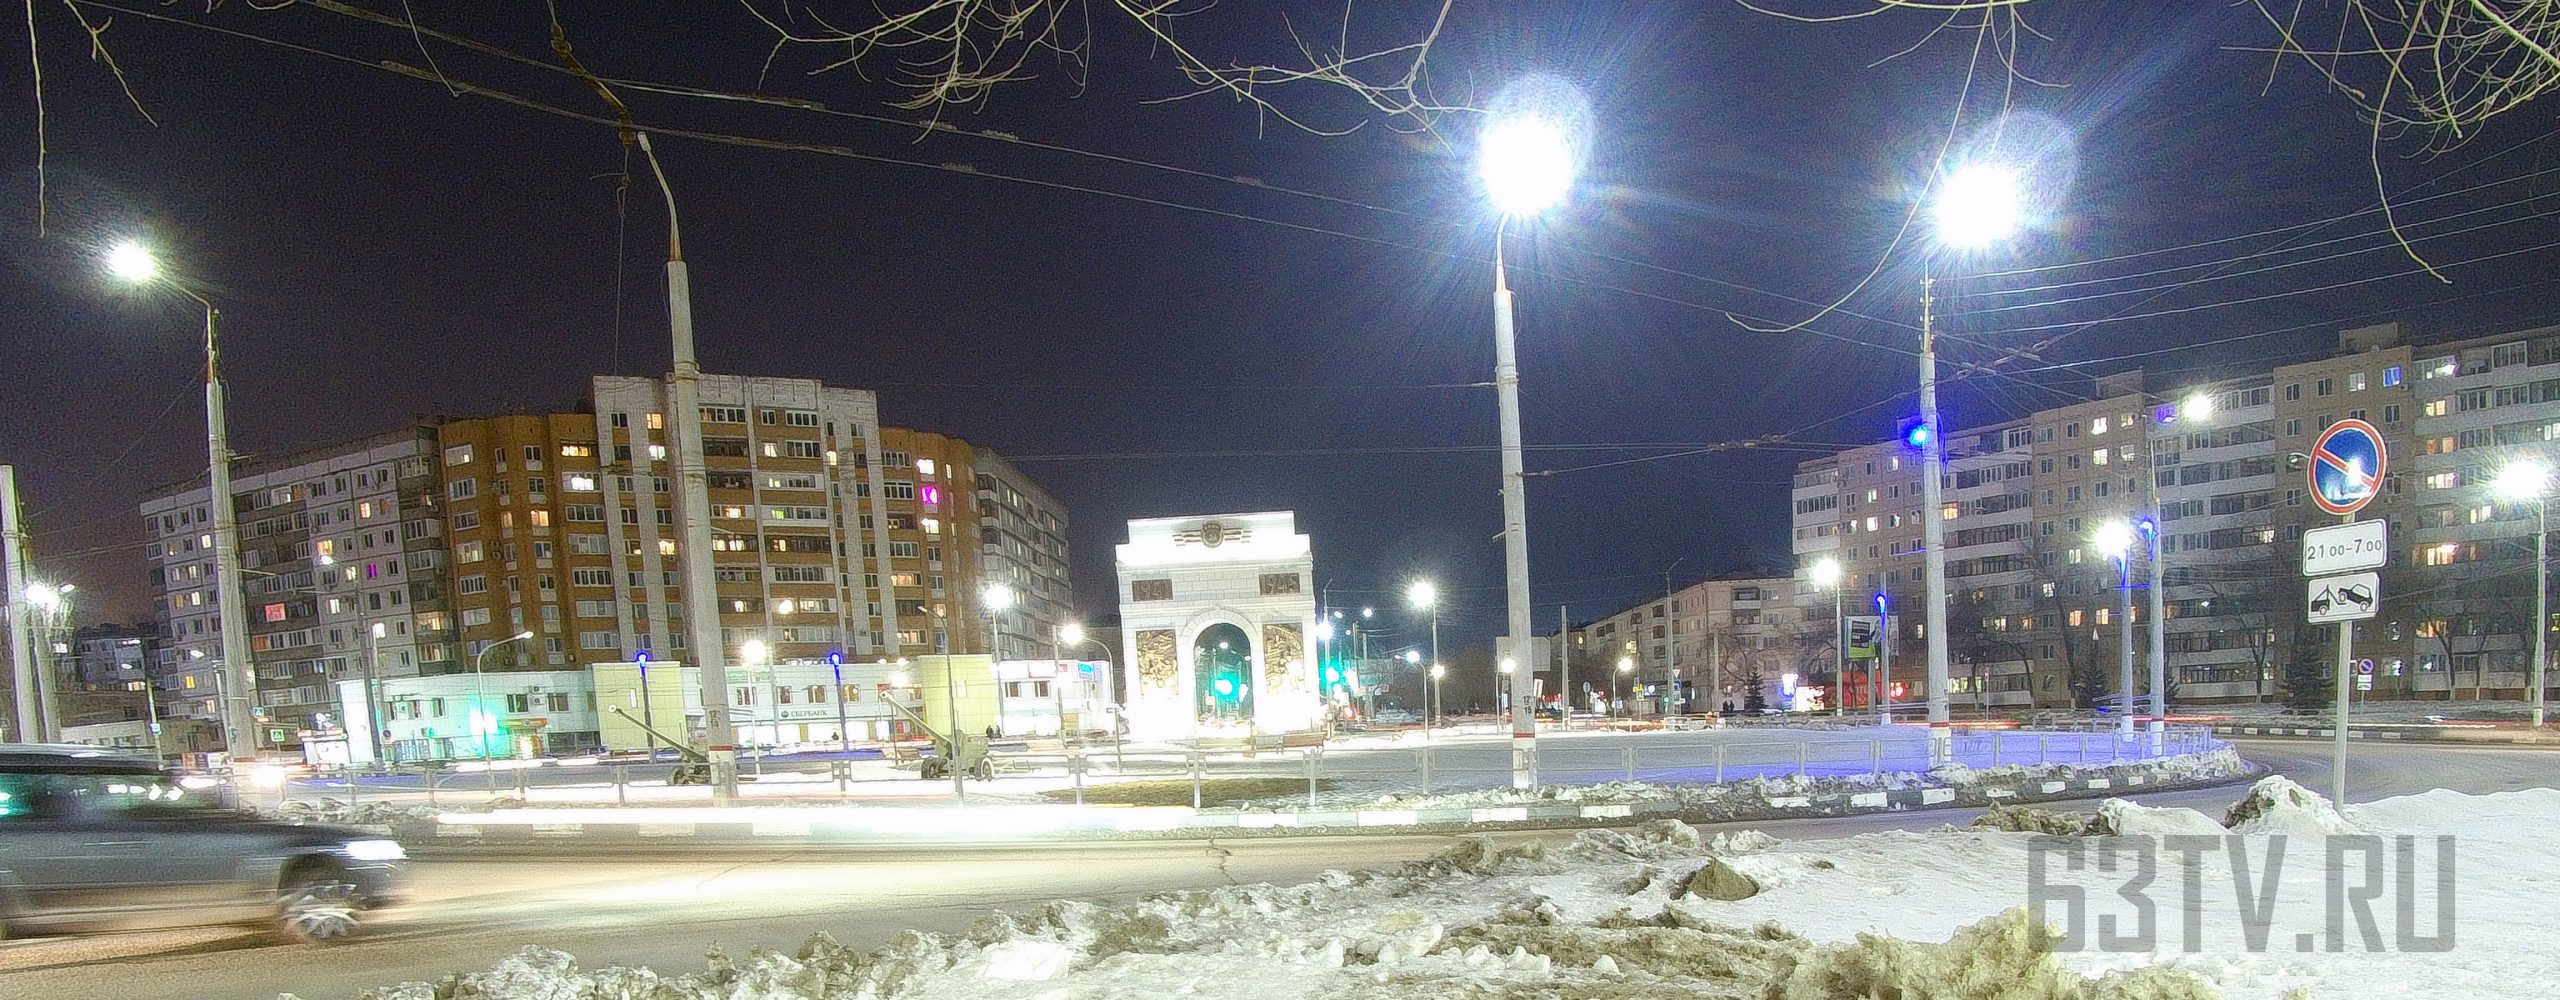 Кольцо Дзержинского и пр Победы новокуйбышевск